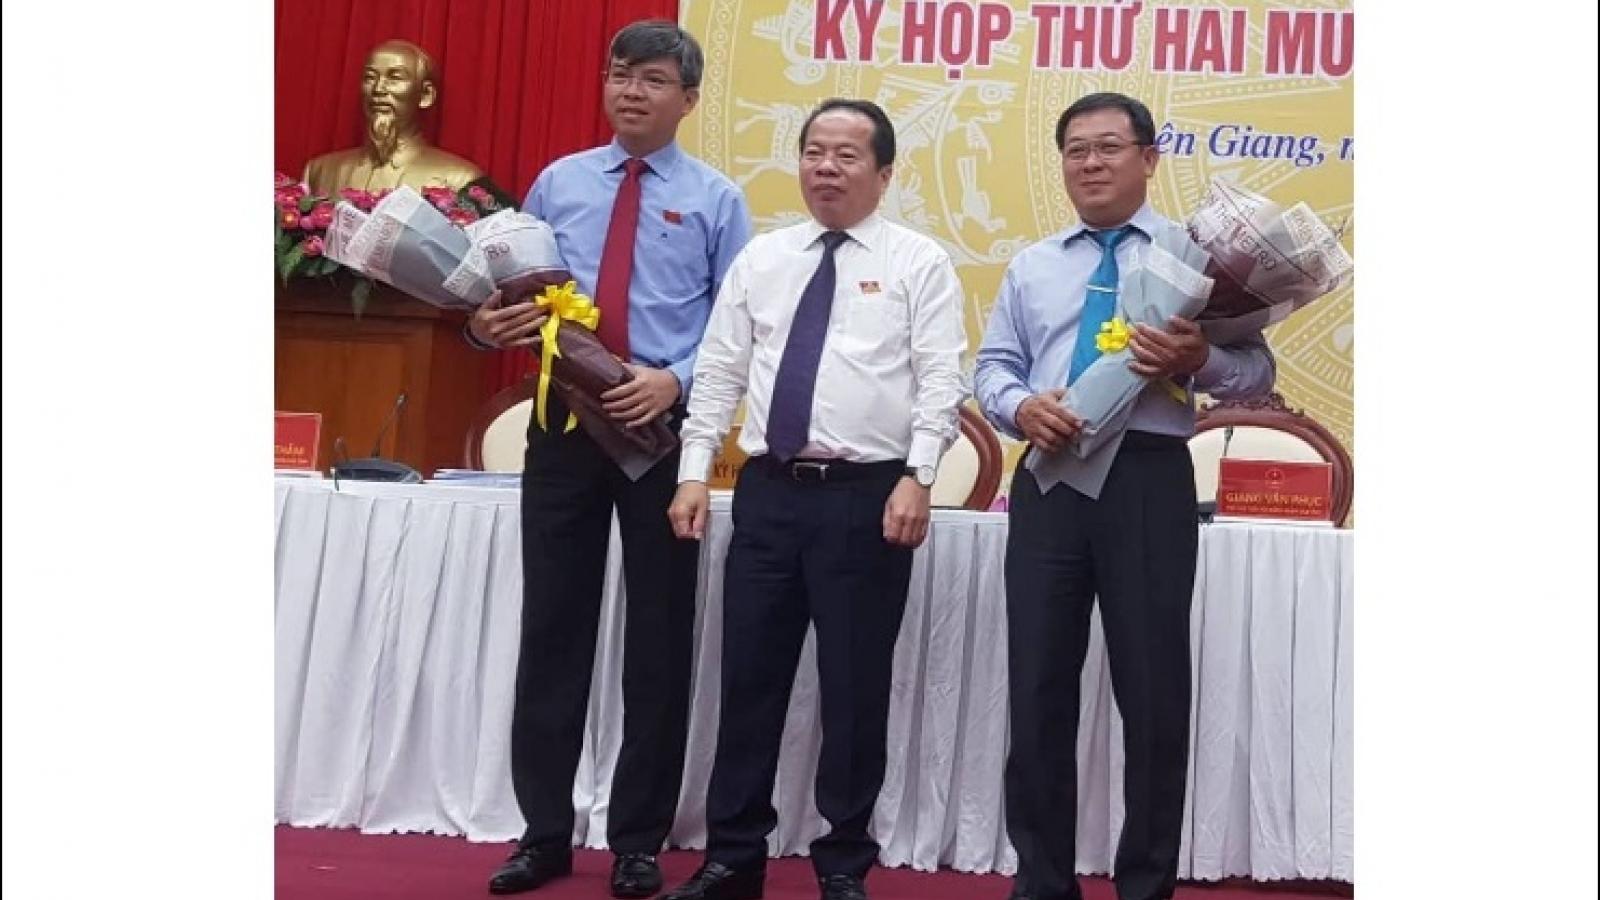 Bầu bổ sung thêm 1 Phó chủ tịch UBND tỉnh Kiên Giang